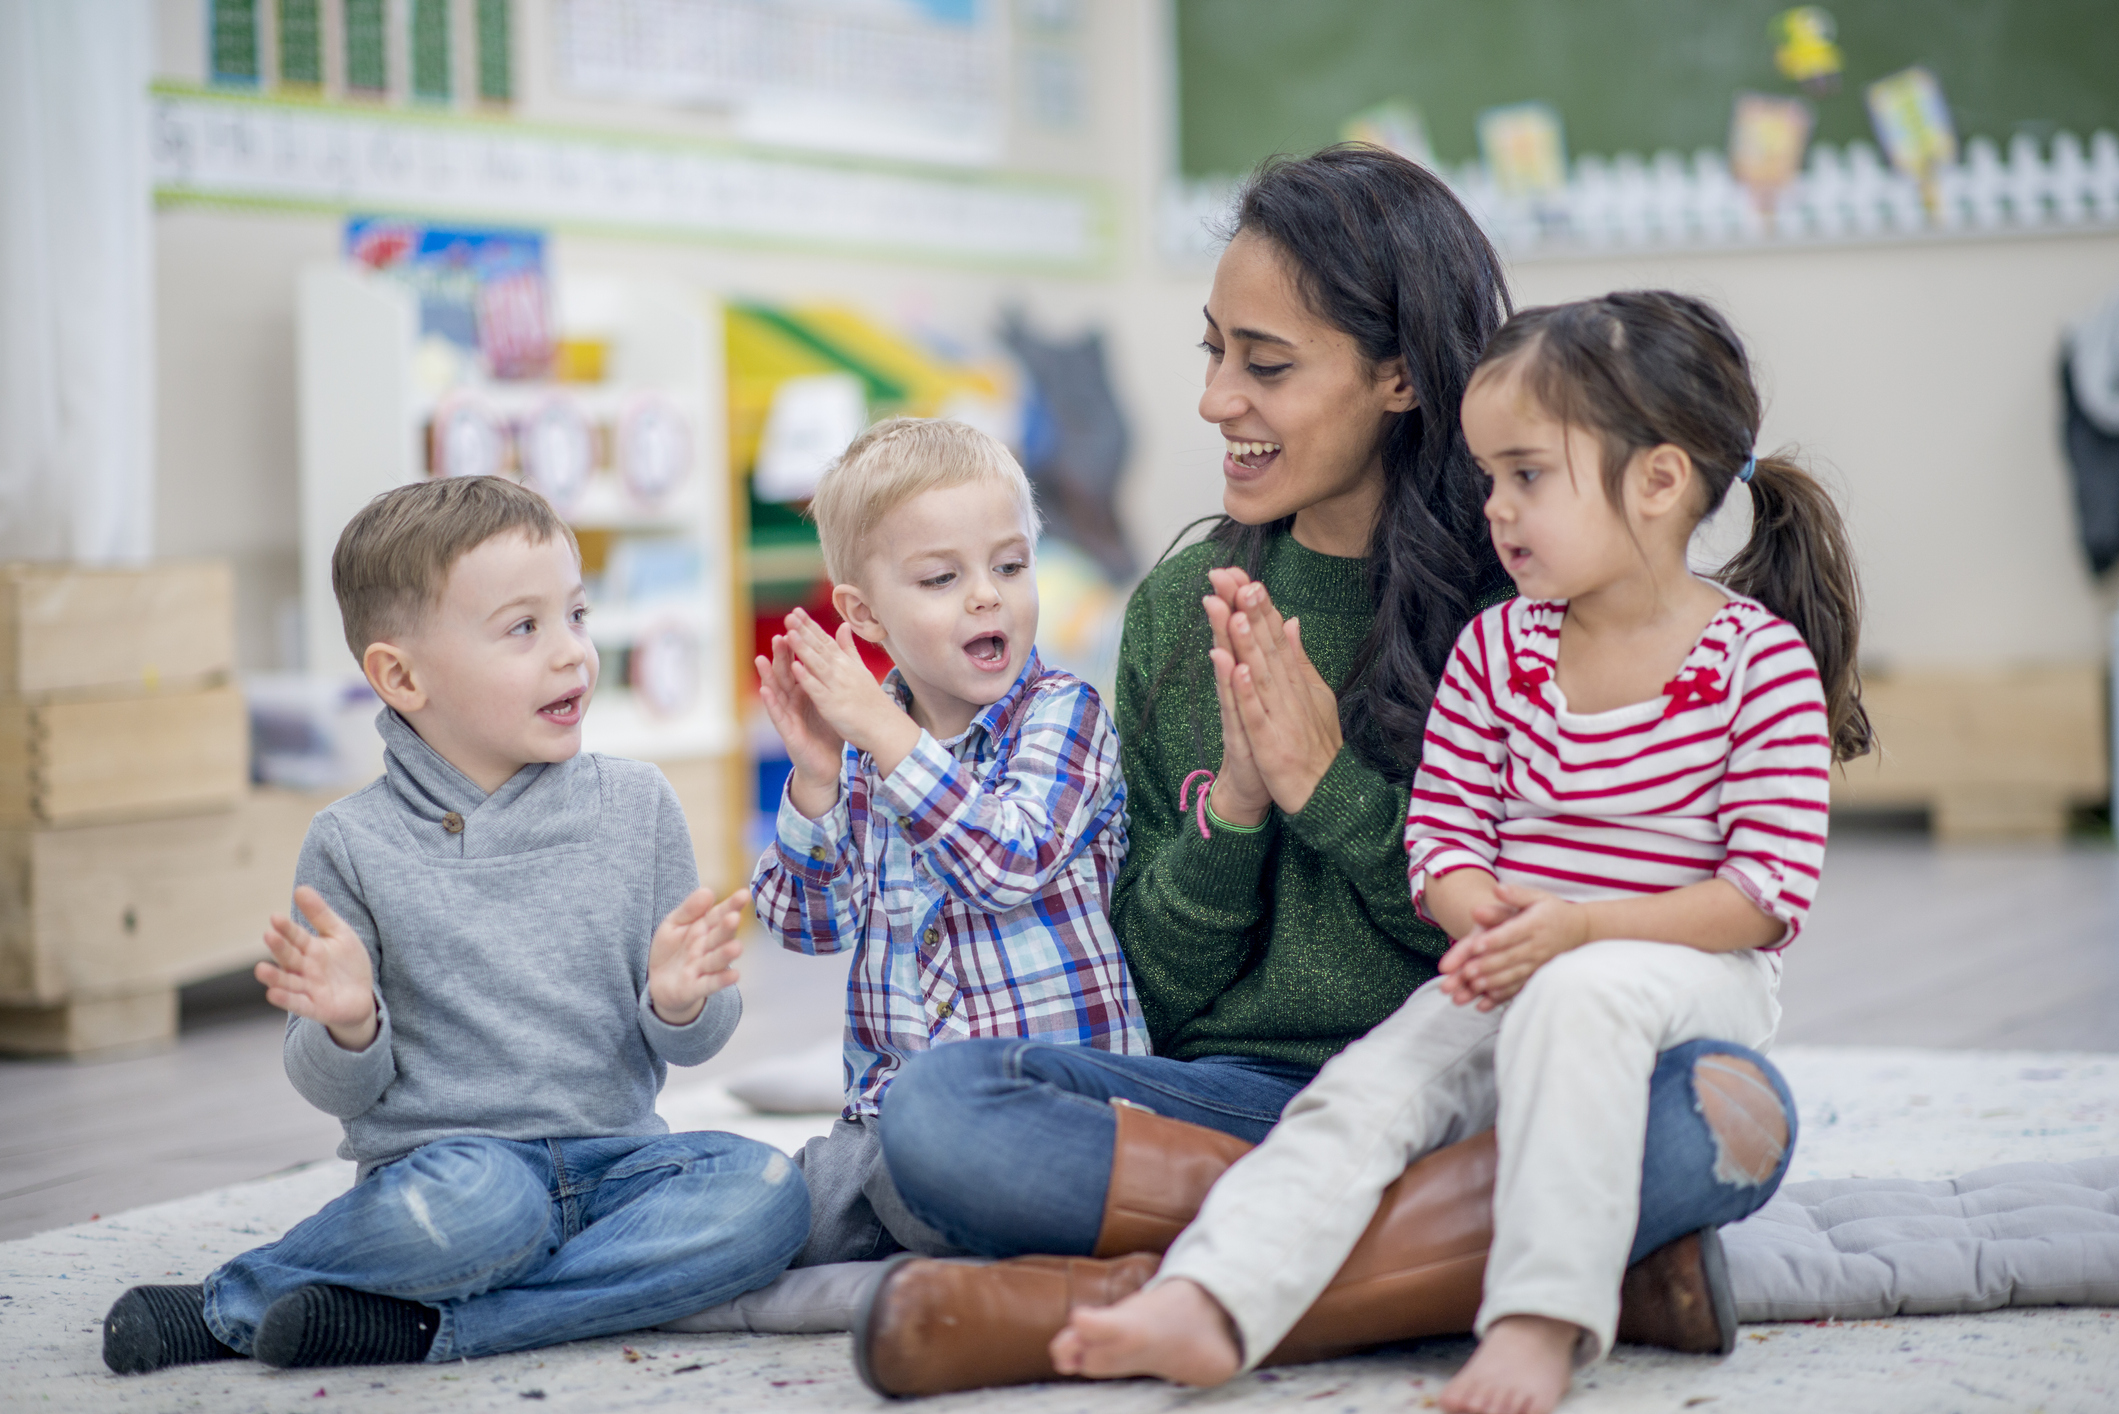 Babysitter-educacao-infantil-master-d